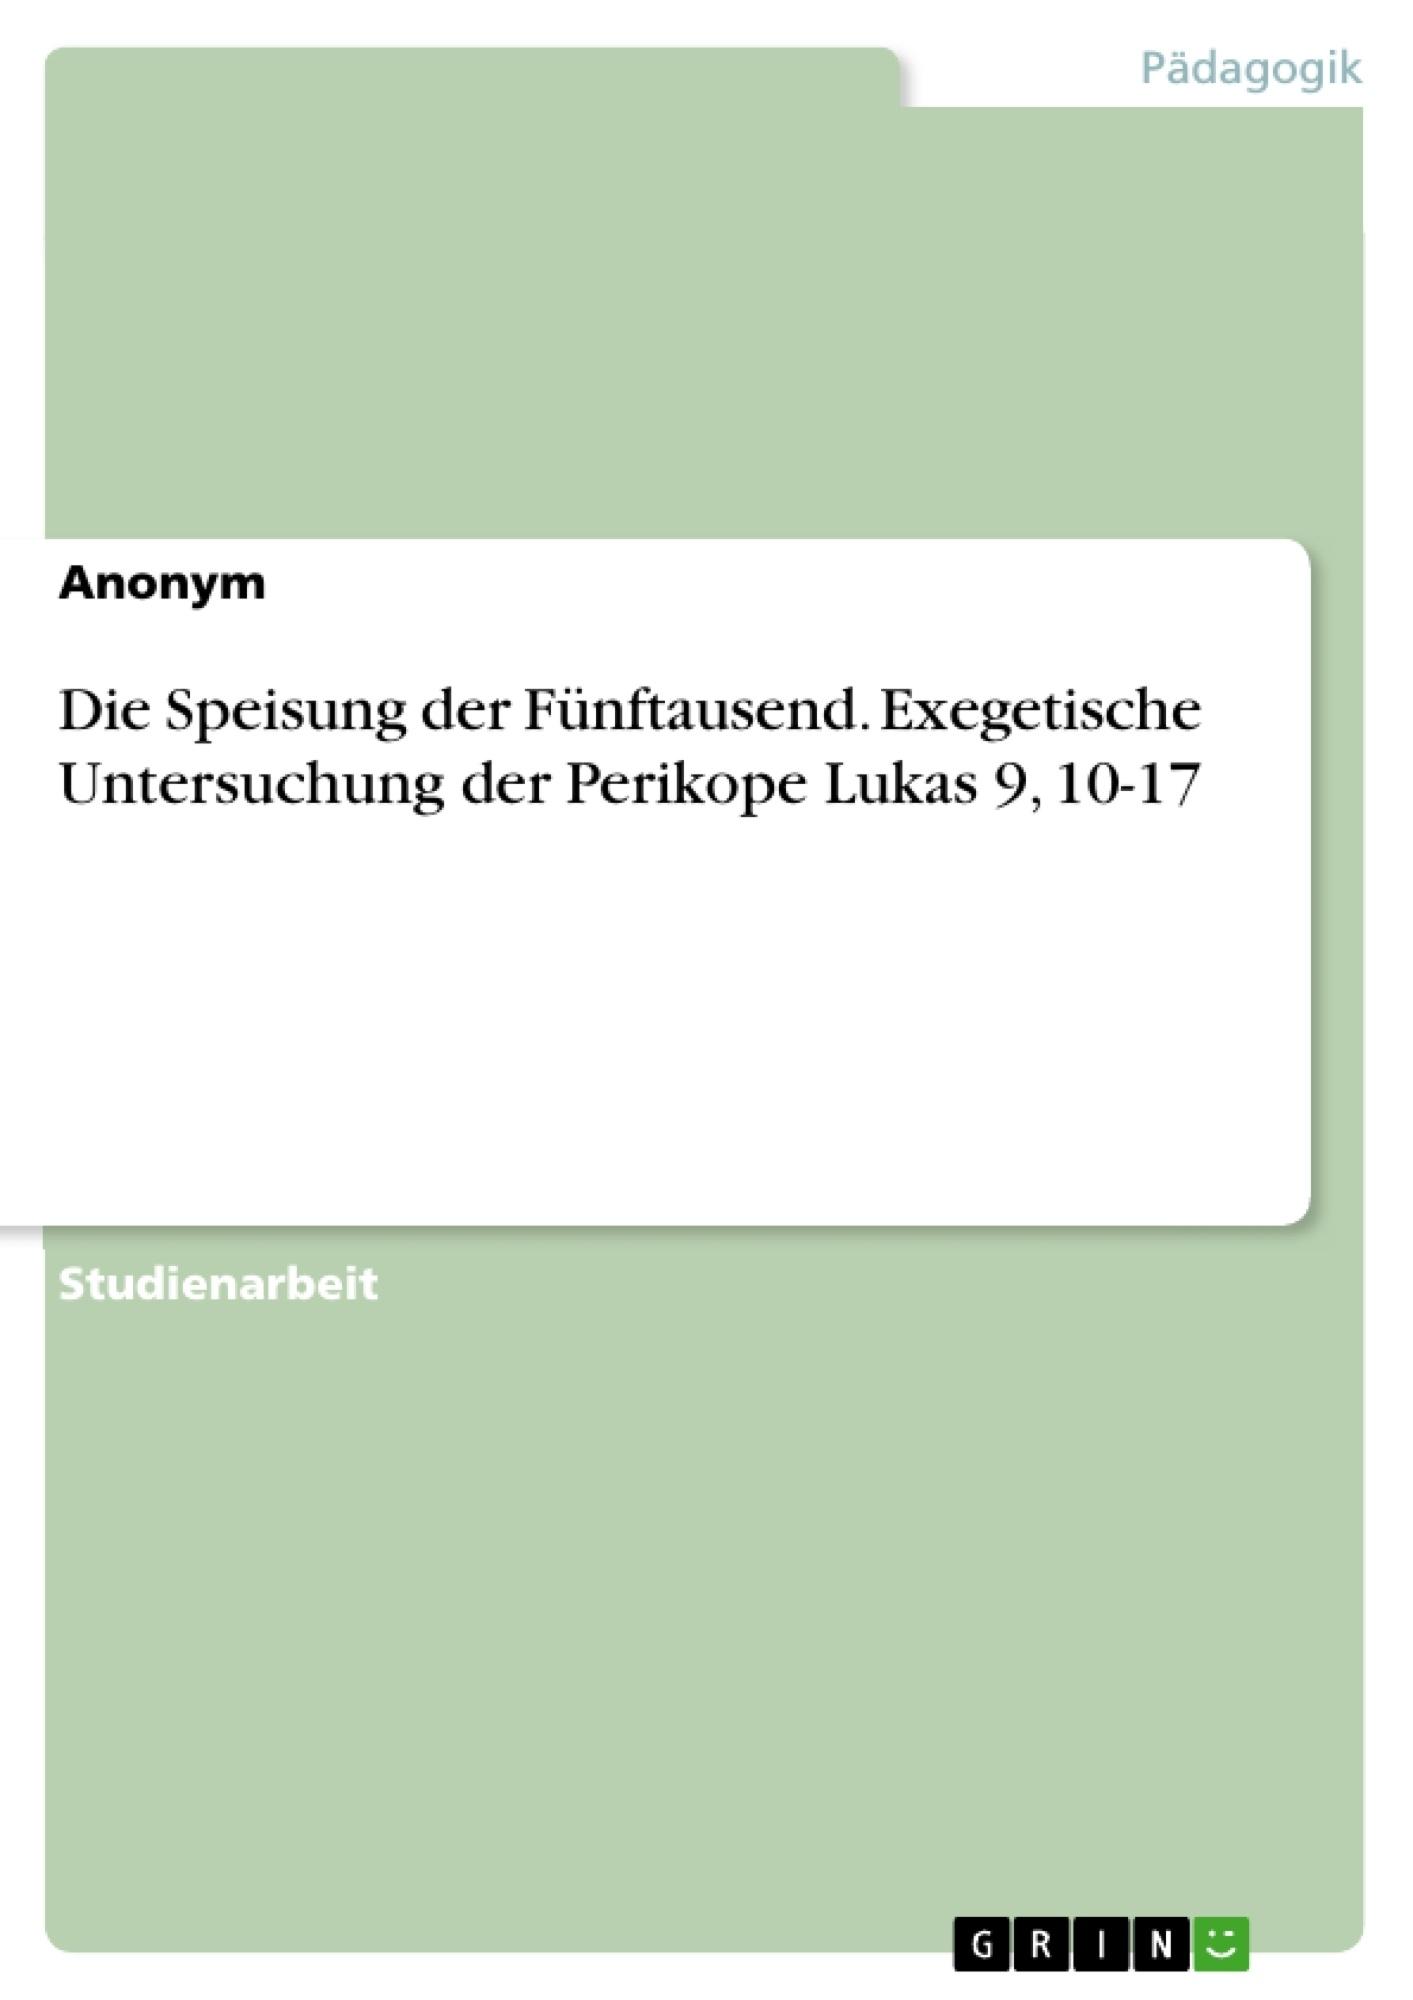 Titel: Die Speisung der Fünftausend. Exegetische Untersuchung der Perikope Lukas 9, 10-17